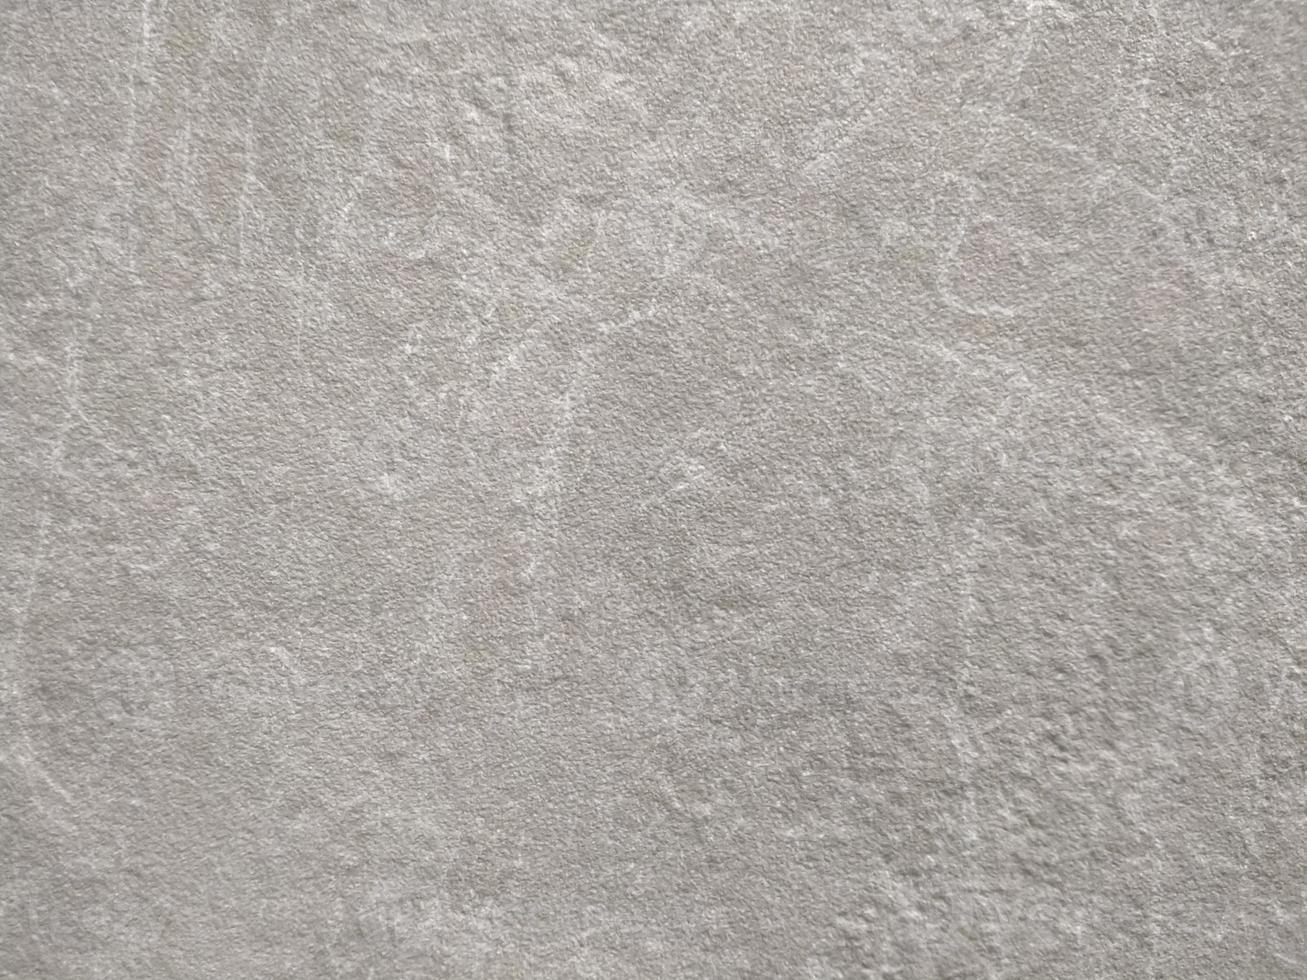 trama di cemento grezzo foto